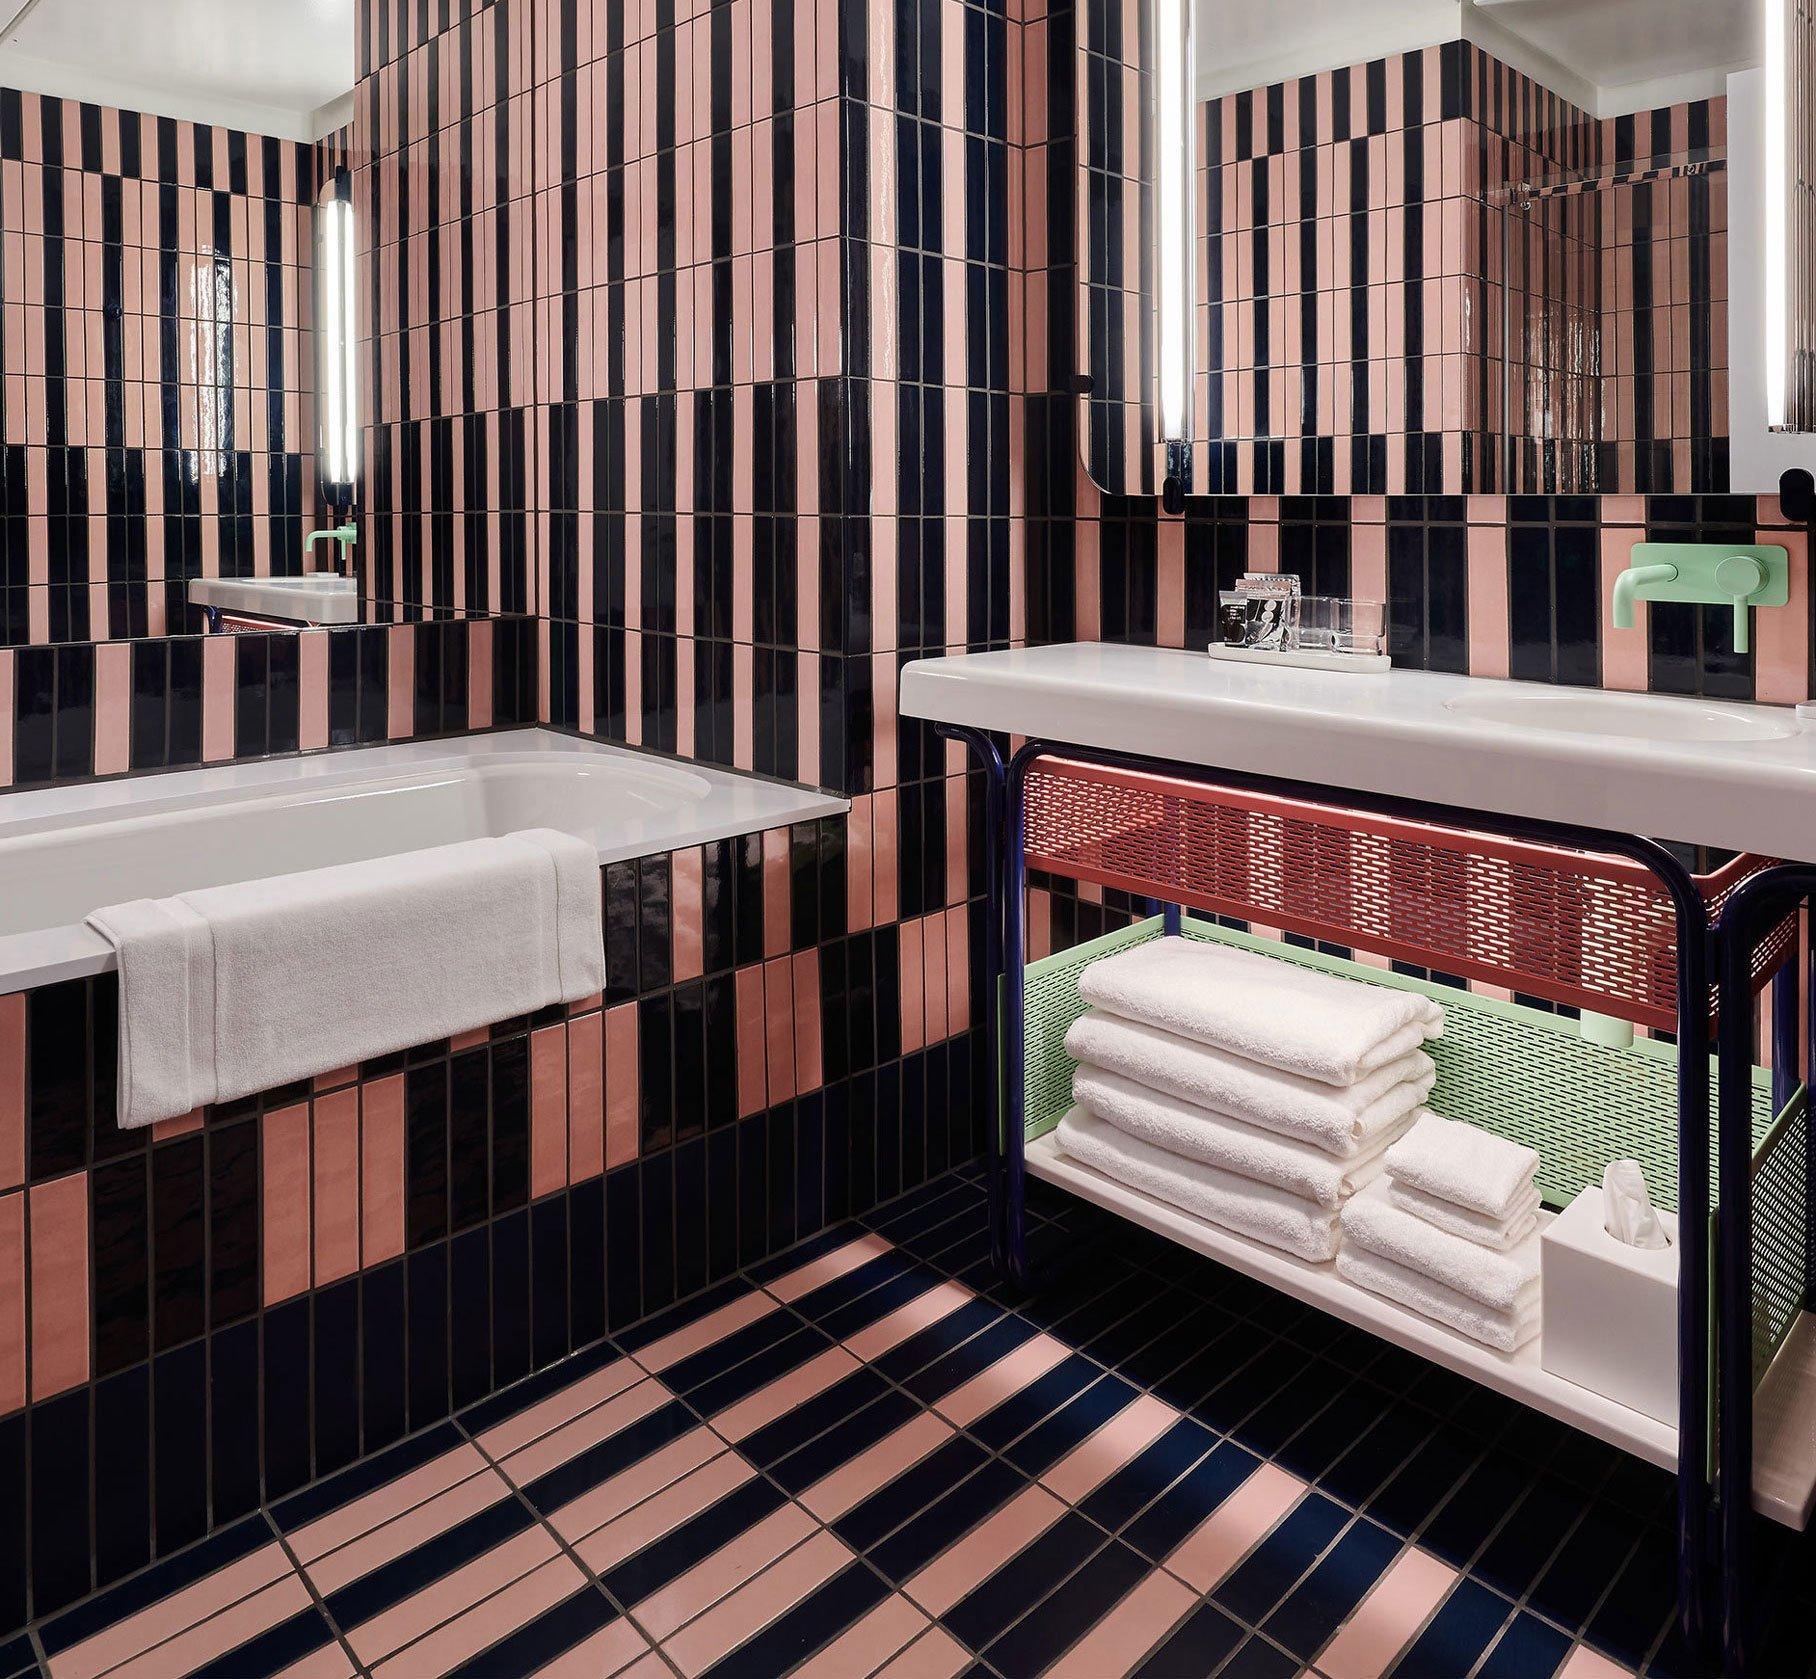 In den Badezimmern stehen farbige Fliesenmuster an Wand und Boden eleganten Badmöbeln in Weiß von Bette gegenüber – wie zum Beispiel der Wannenkollektion BetteForm.